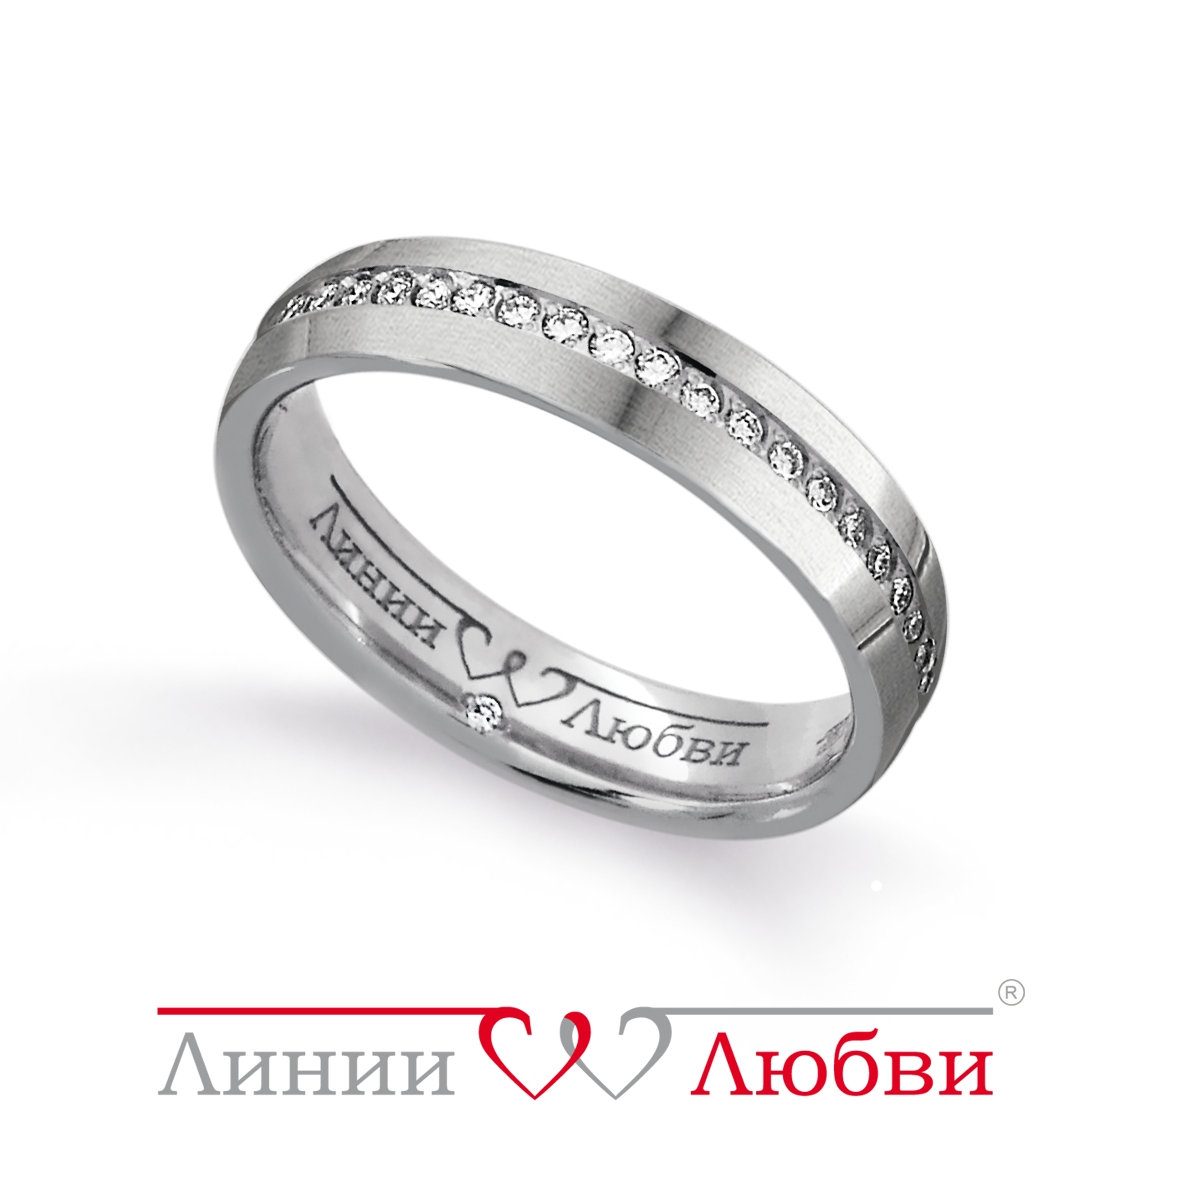 Обручальное кольцо с бриллиантами Линии ЛюбвиКольцо<br>Кольцо обручальное из золота 585 пробы с белыми бриллиантами (арт. Л31131149). Размер 15,5.<br><br>Articule: Л31131149<br>Тип: Кольцо<br>Пол: Унисекс<br>Материал: золото золото<br>Вес изделия г: 5.27<br>Вставка: белые бриллианты<br>Размеры: 22, 21, 20, 19, 18, 17, 16, 15